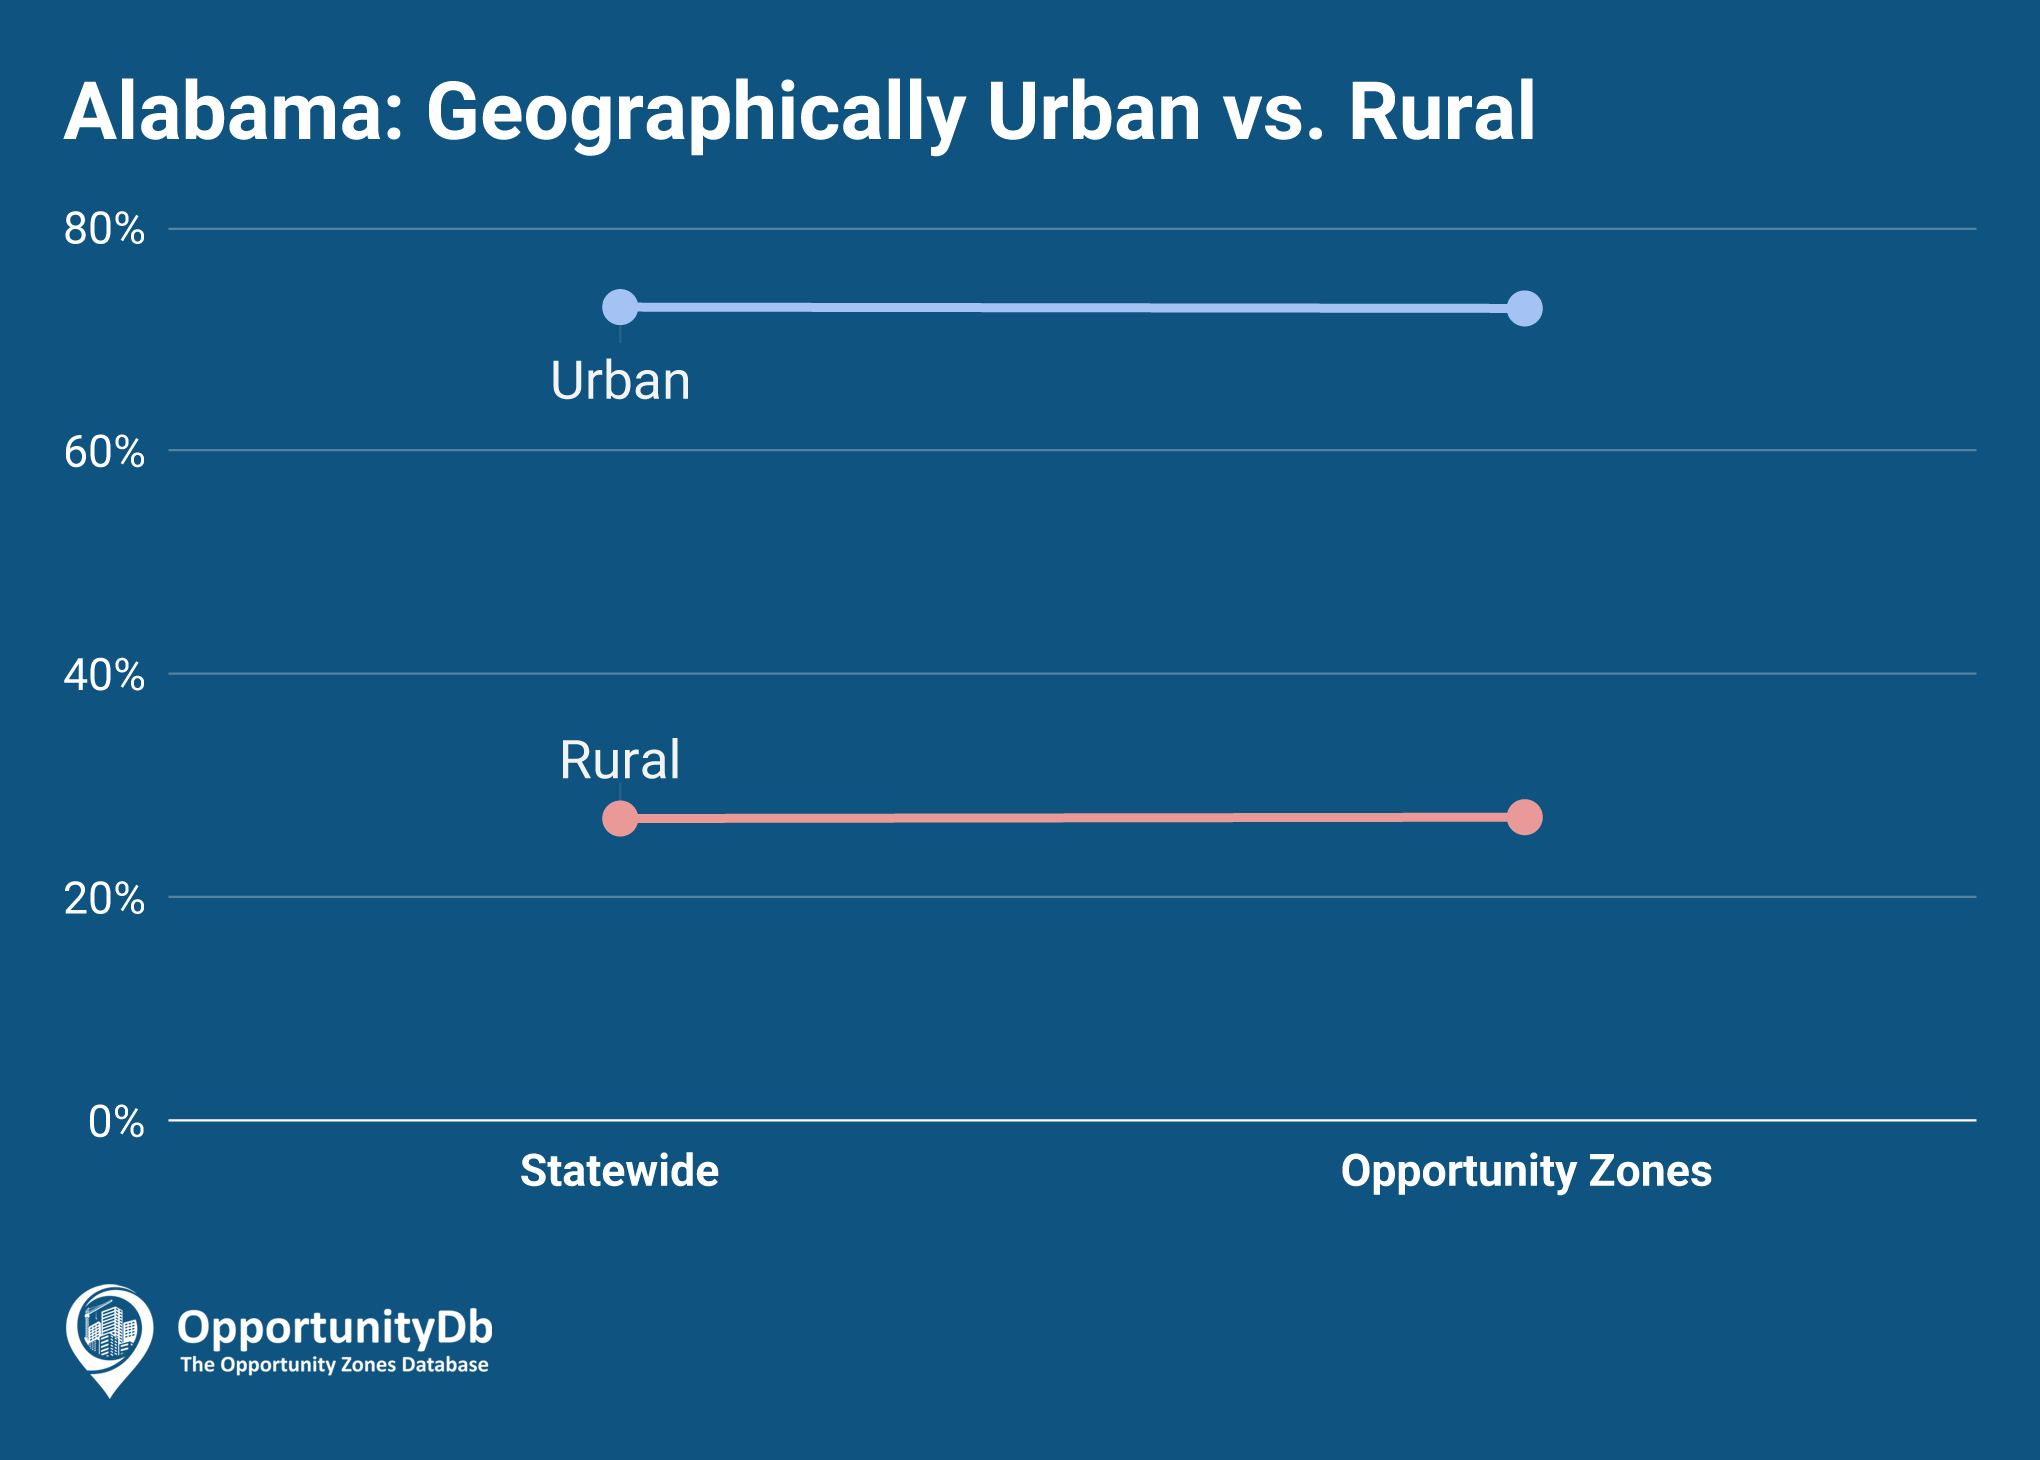 Urban vs. Rural in Alabama Opportunity Zones